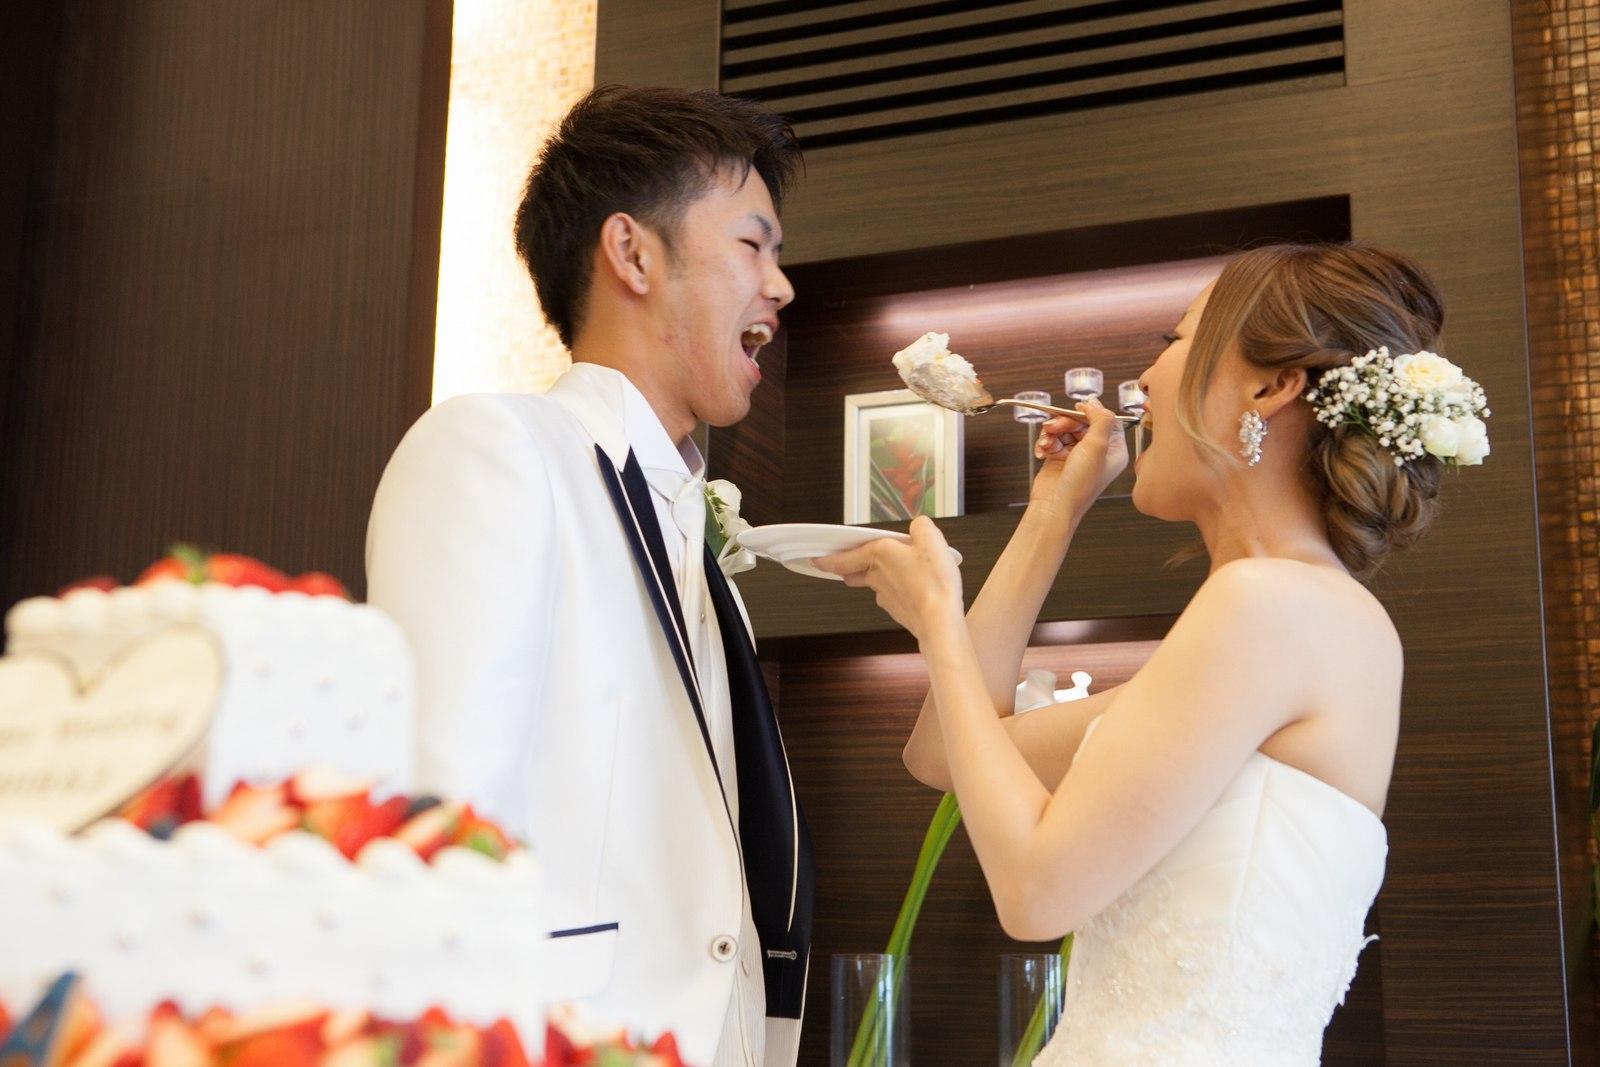 徳島市の結婚式場ブランアンジュで幸せいっぱいのウエディングケーキのファーストバイト